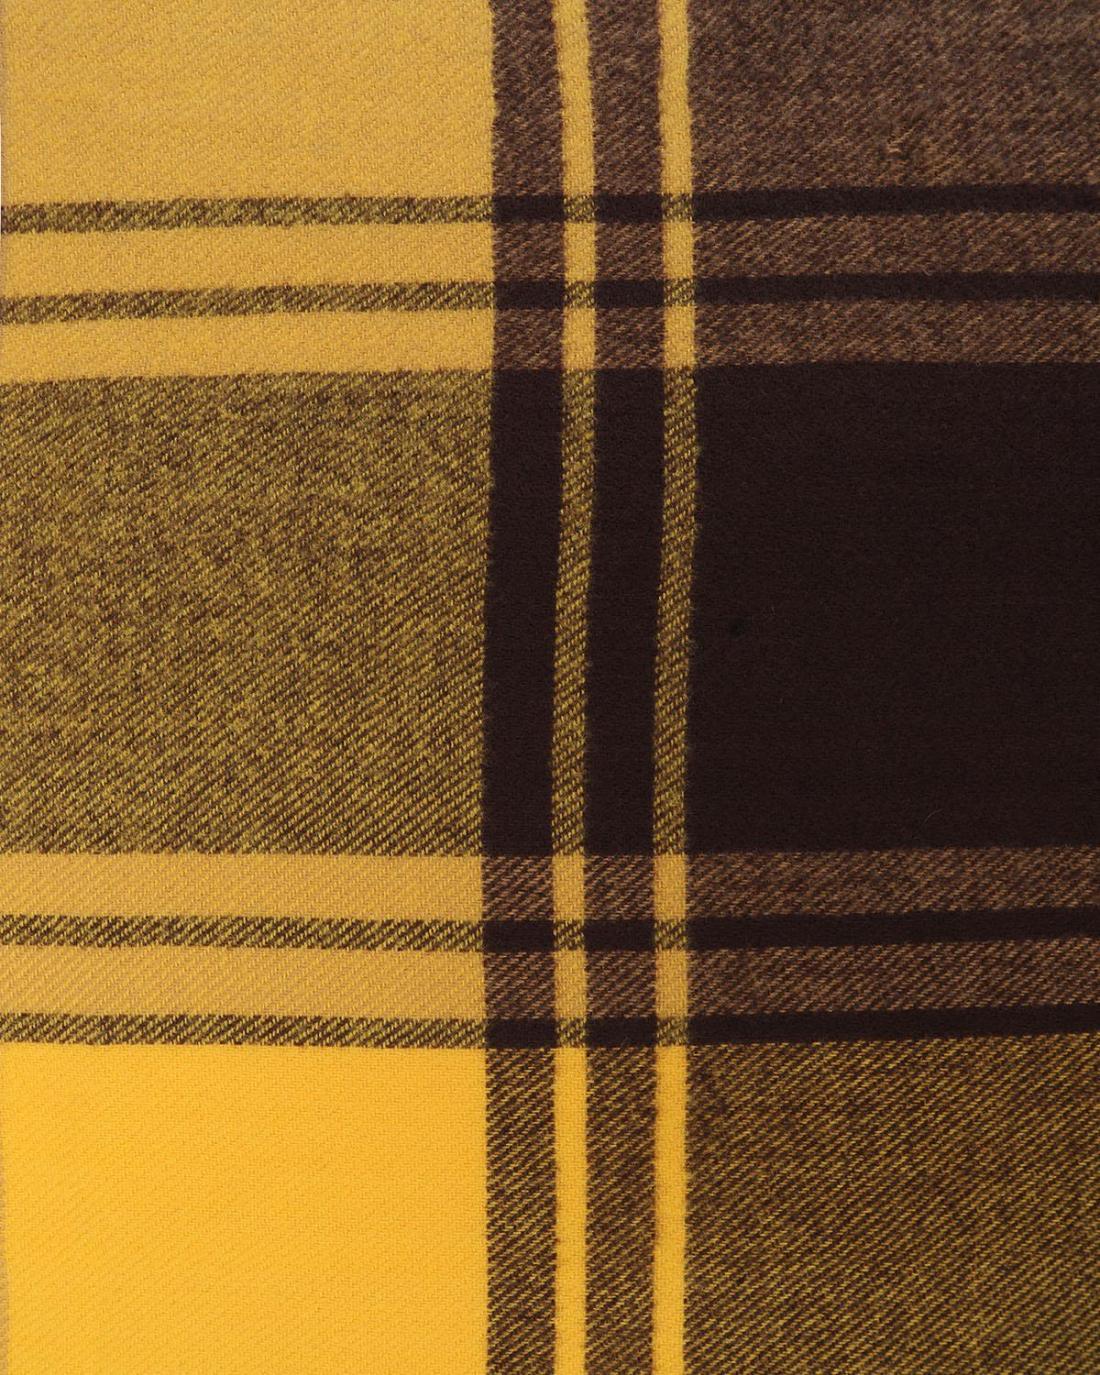 Κασκόλ κίτρινο/καφέ